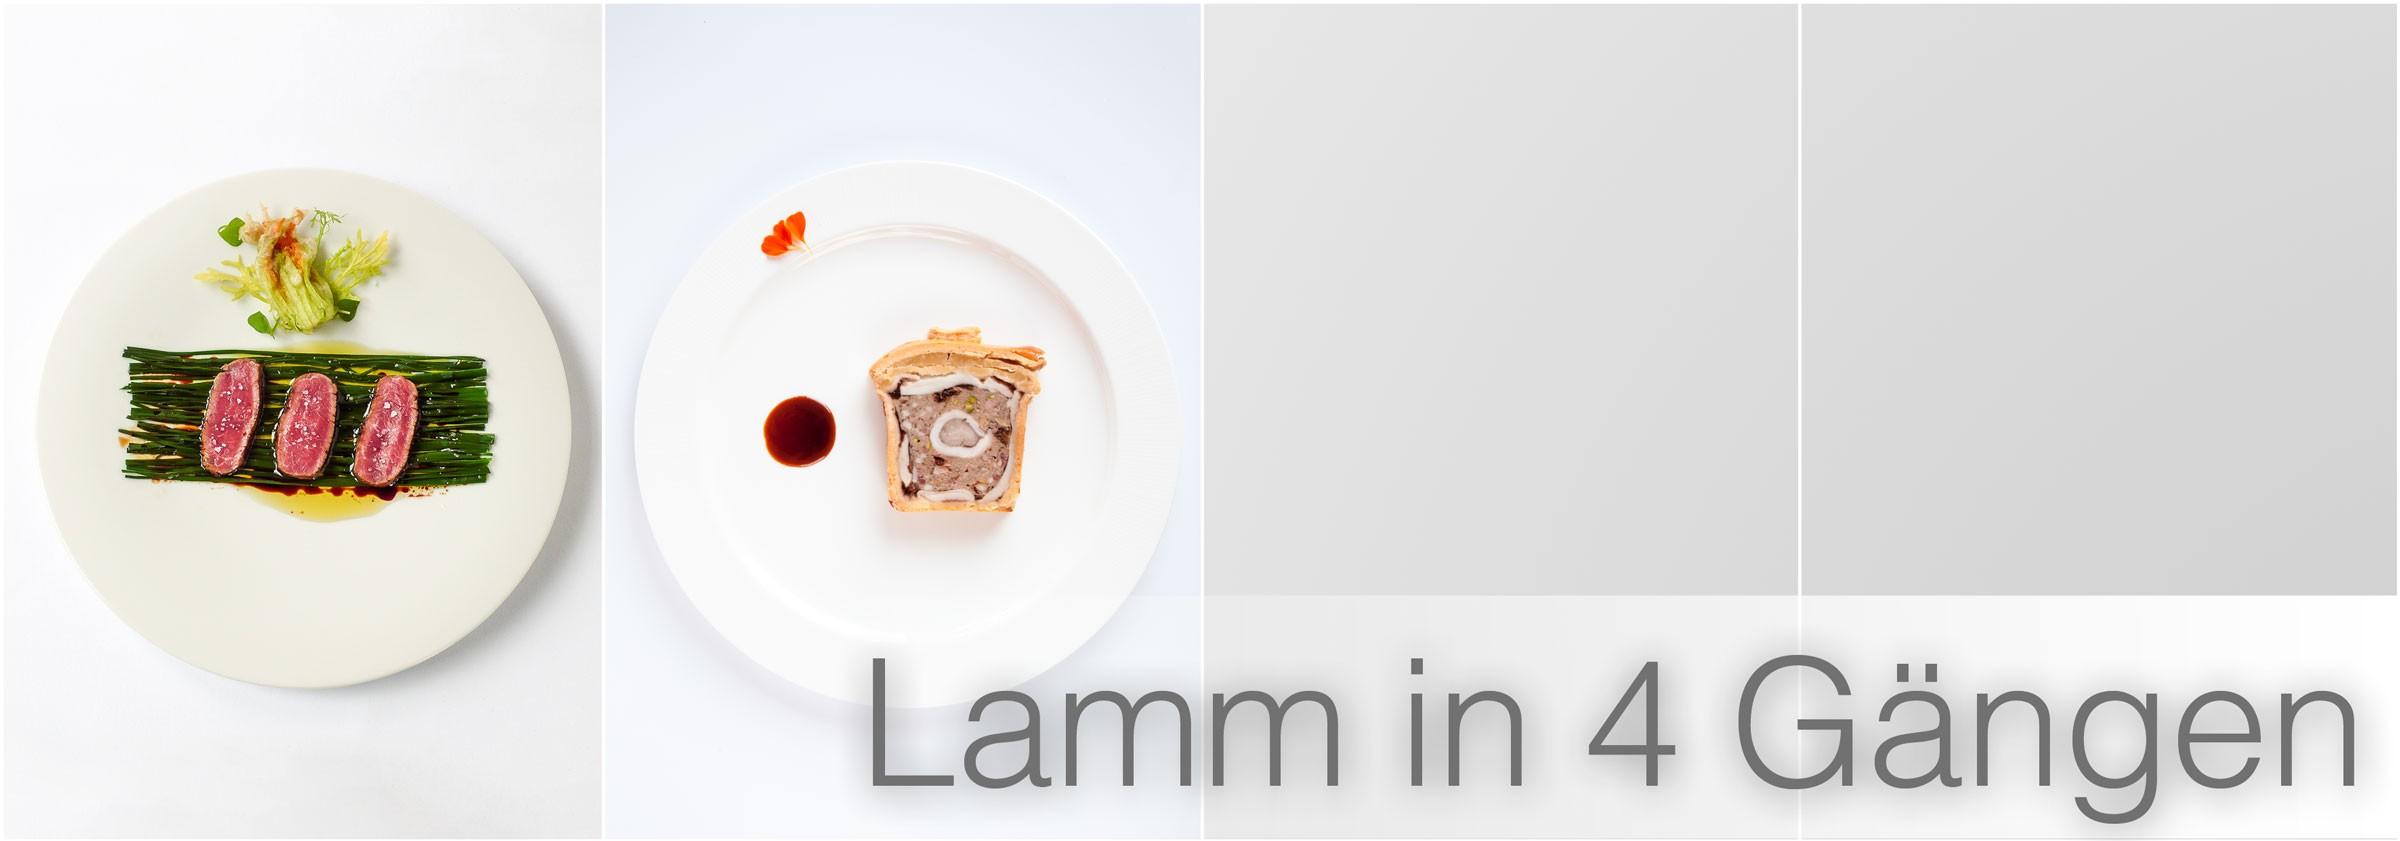 Lamm-in-4-Gängen-2